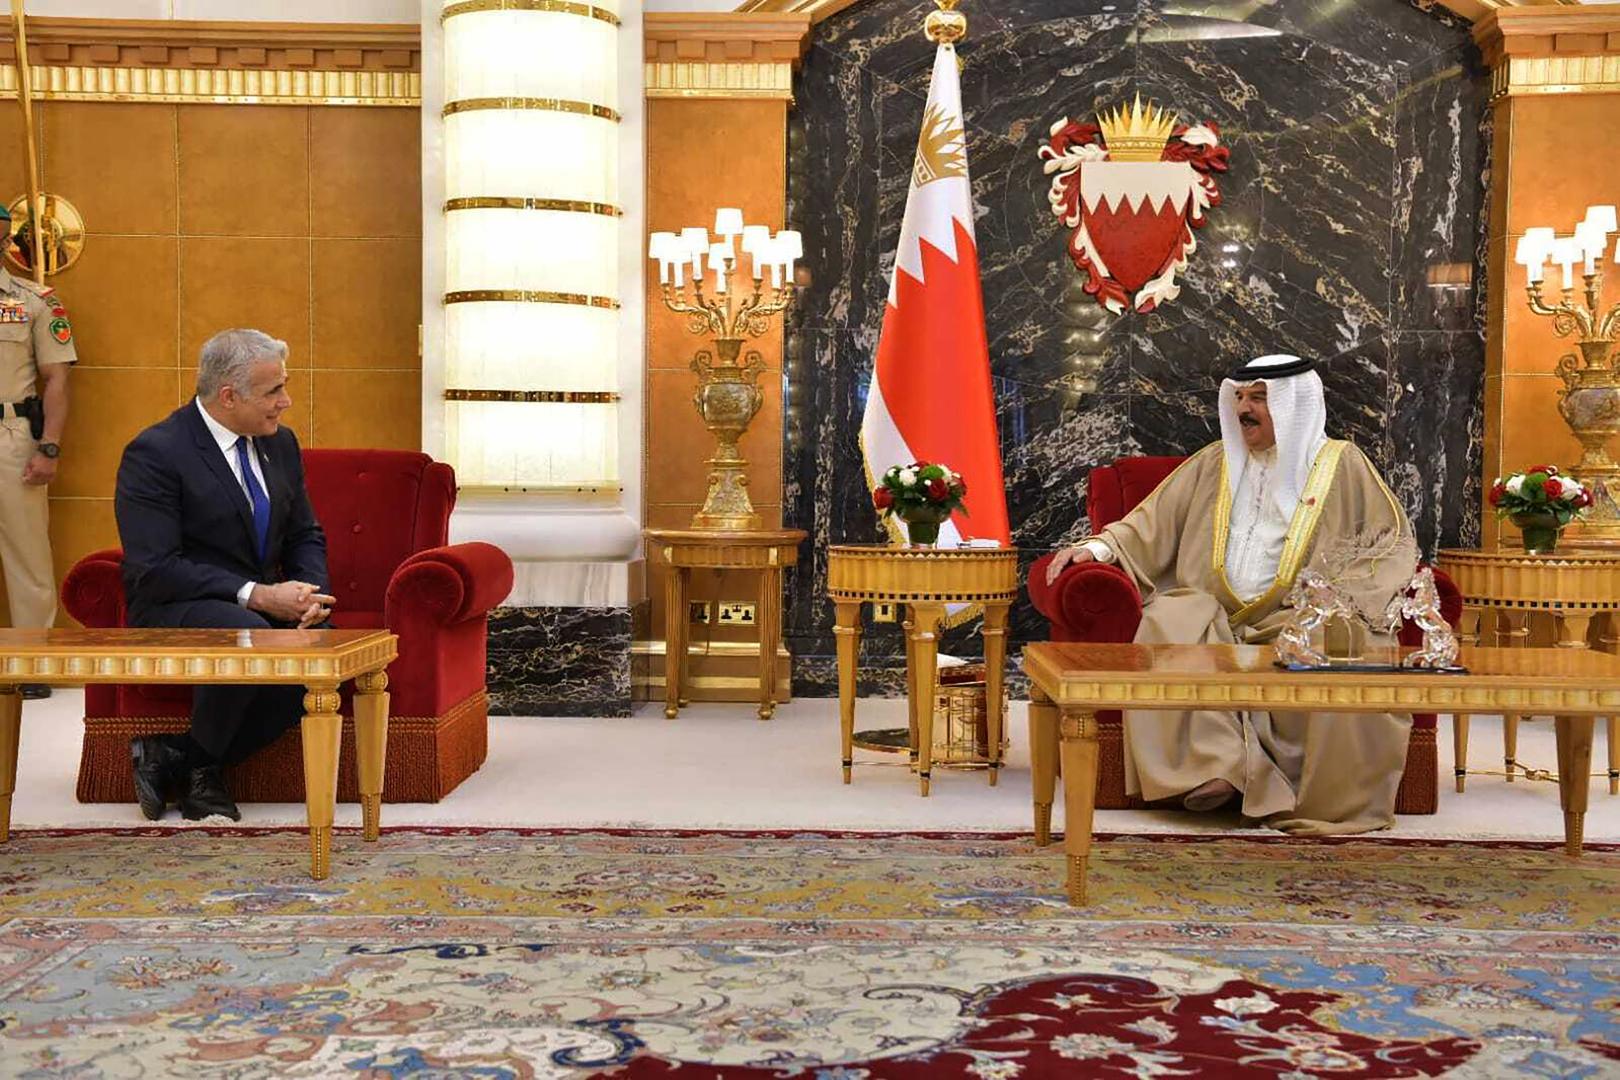 العاهل البحريني، الملك حمد بن عيسى آل خليفة، يستقبل وزير الخارجية الإسرائيلي، يائير لابيد.